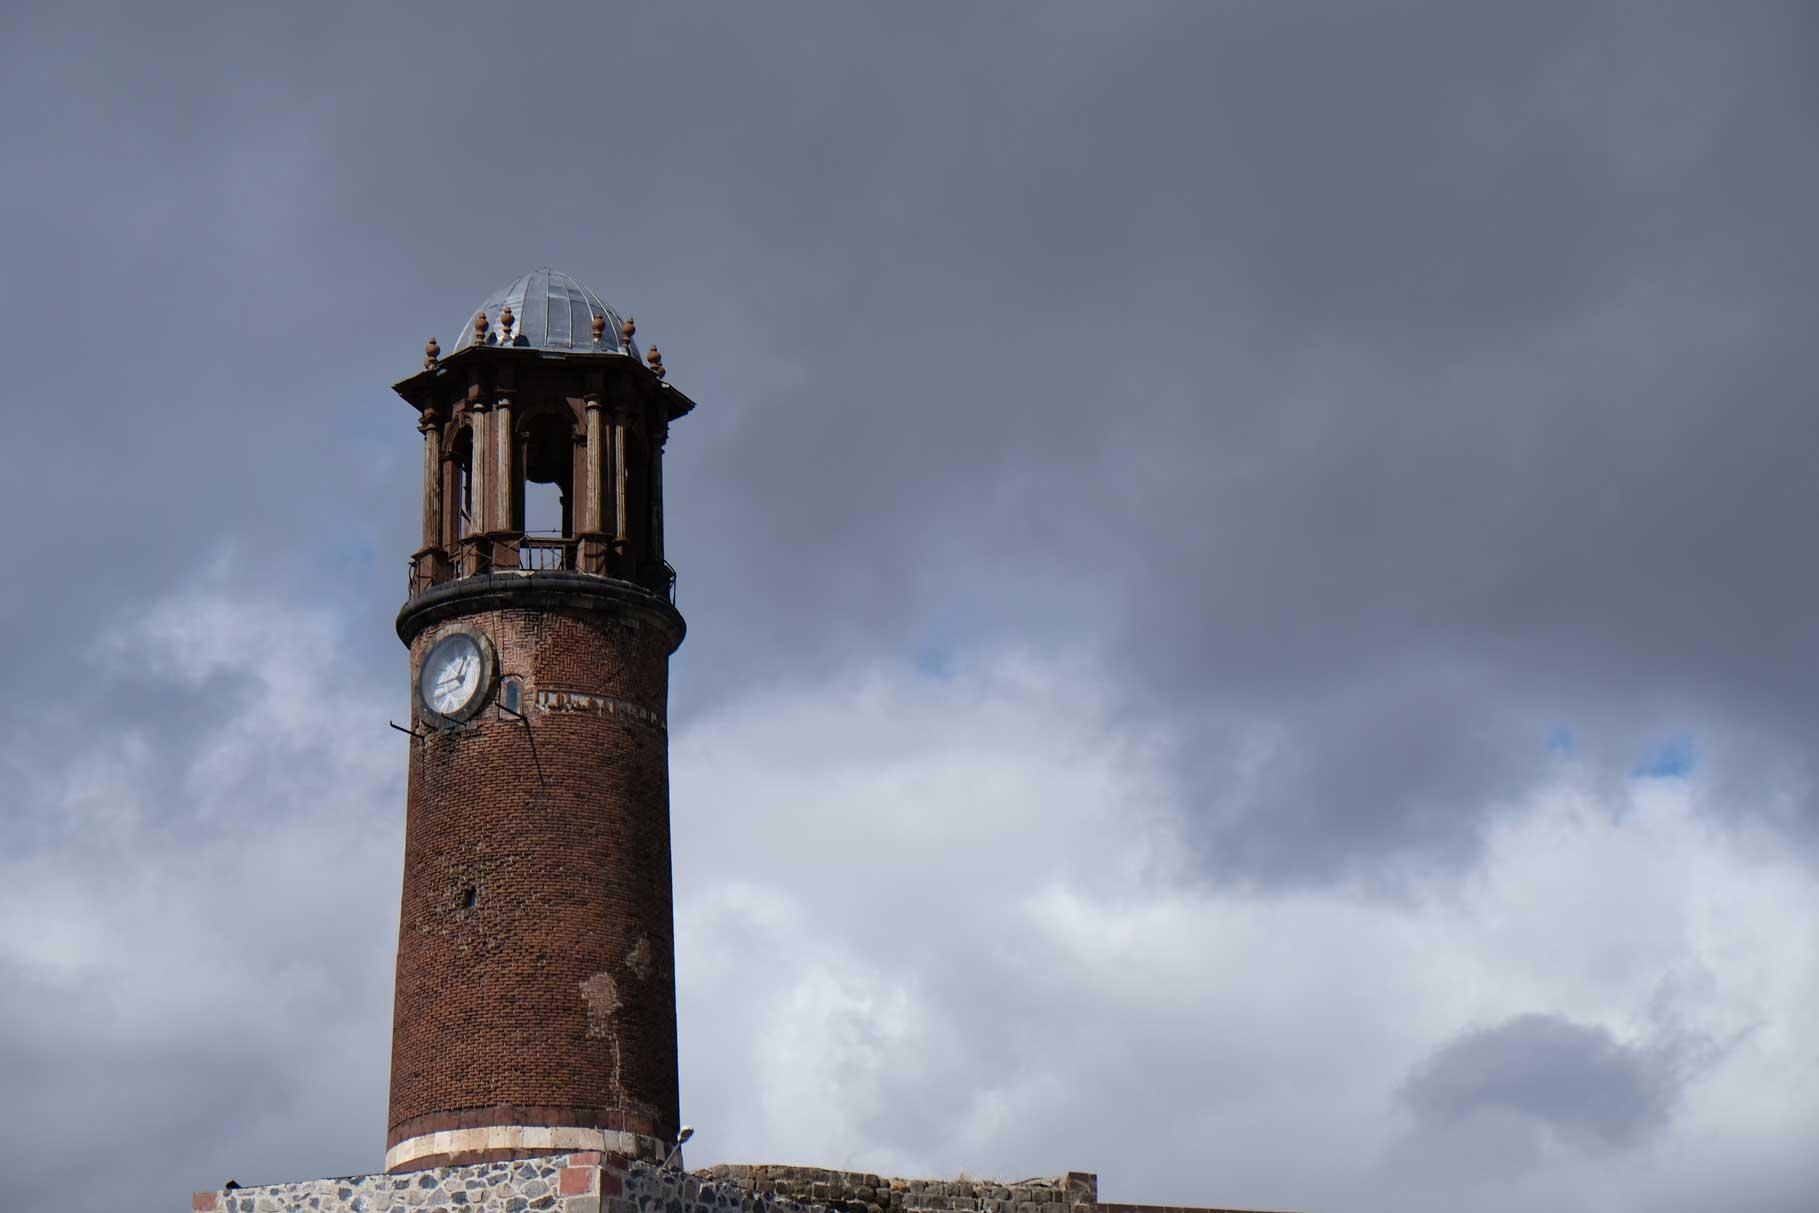 Ein Turm mit Uhr